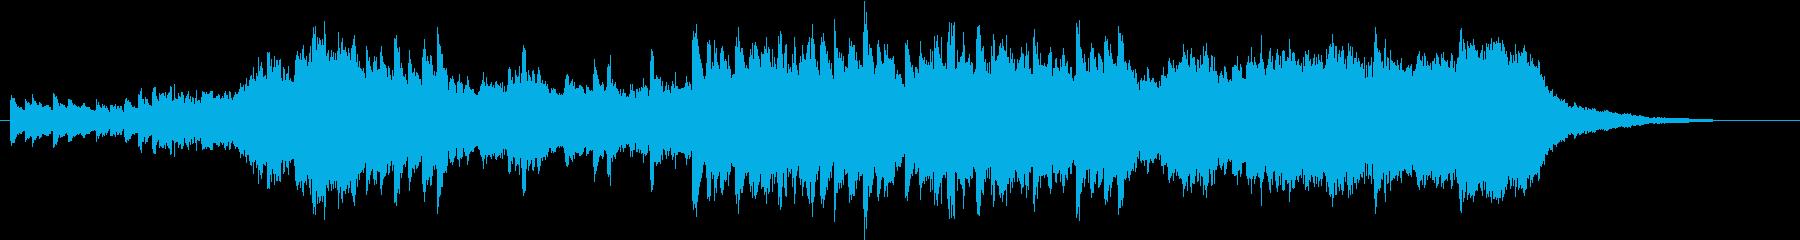 短縮版】感動、壮大感のあるピアノインストの再生済みの波形